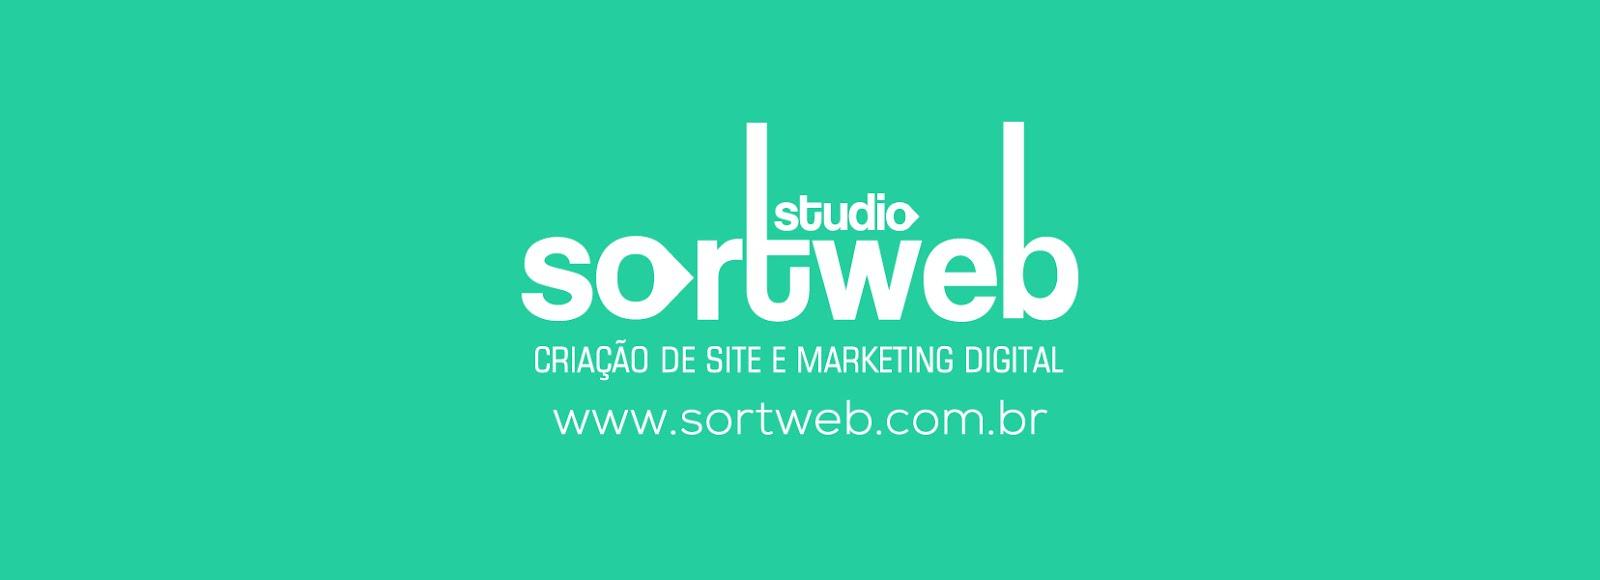 Sortweb Studio Criação de Sites